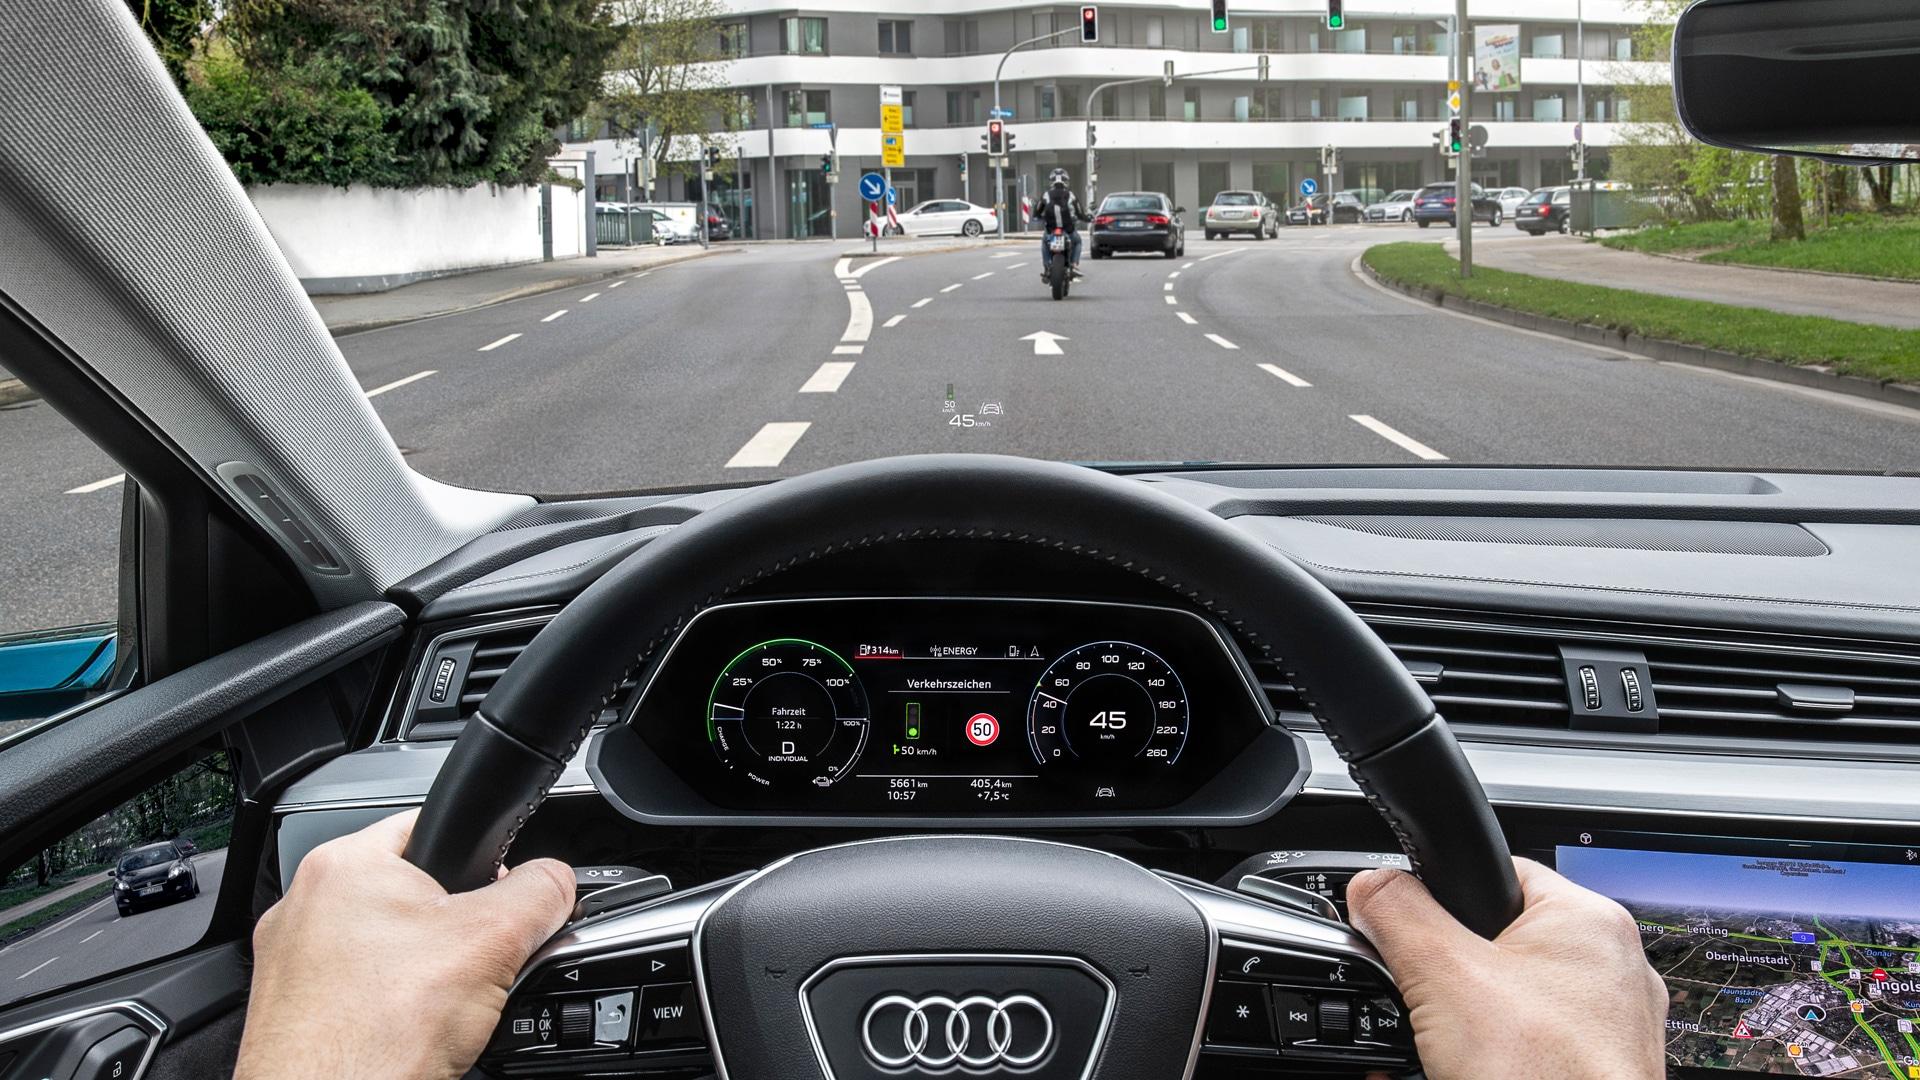 Slika notranjosti vozila Audi, kot jo vidi voznik med vožnjo.